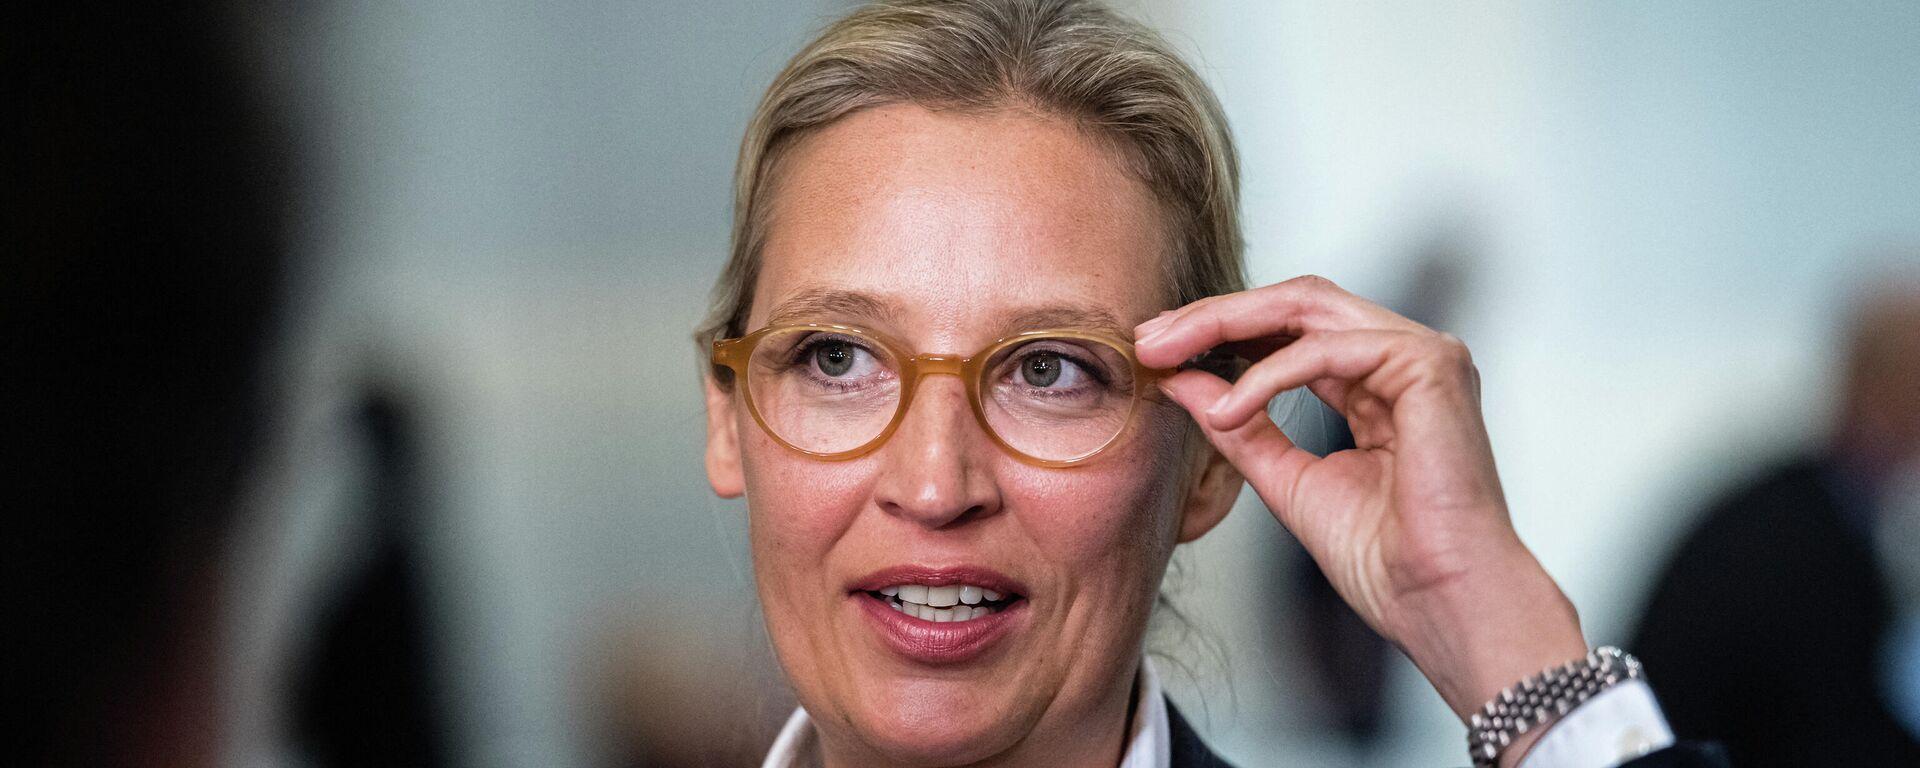 Die Fraktionsvorsitzende der Partei Alternative für Deutschland (AfD), Alice Weidel, gibt ein Fernsehinterview während eines Kongresses der AfD, 10. April, 2021. - SNA, 1920, 19.08.2021